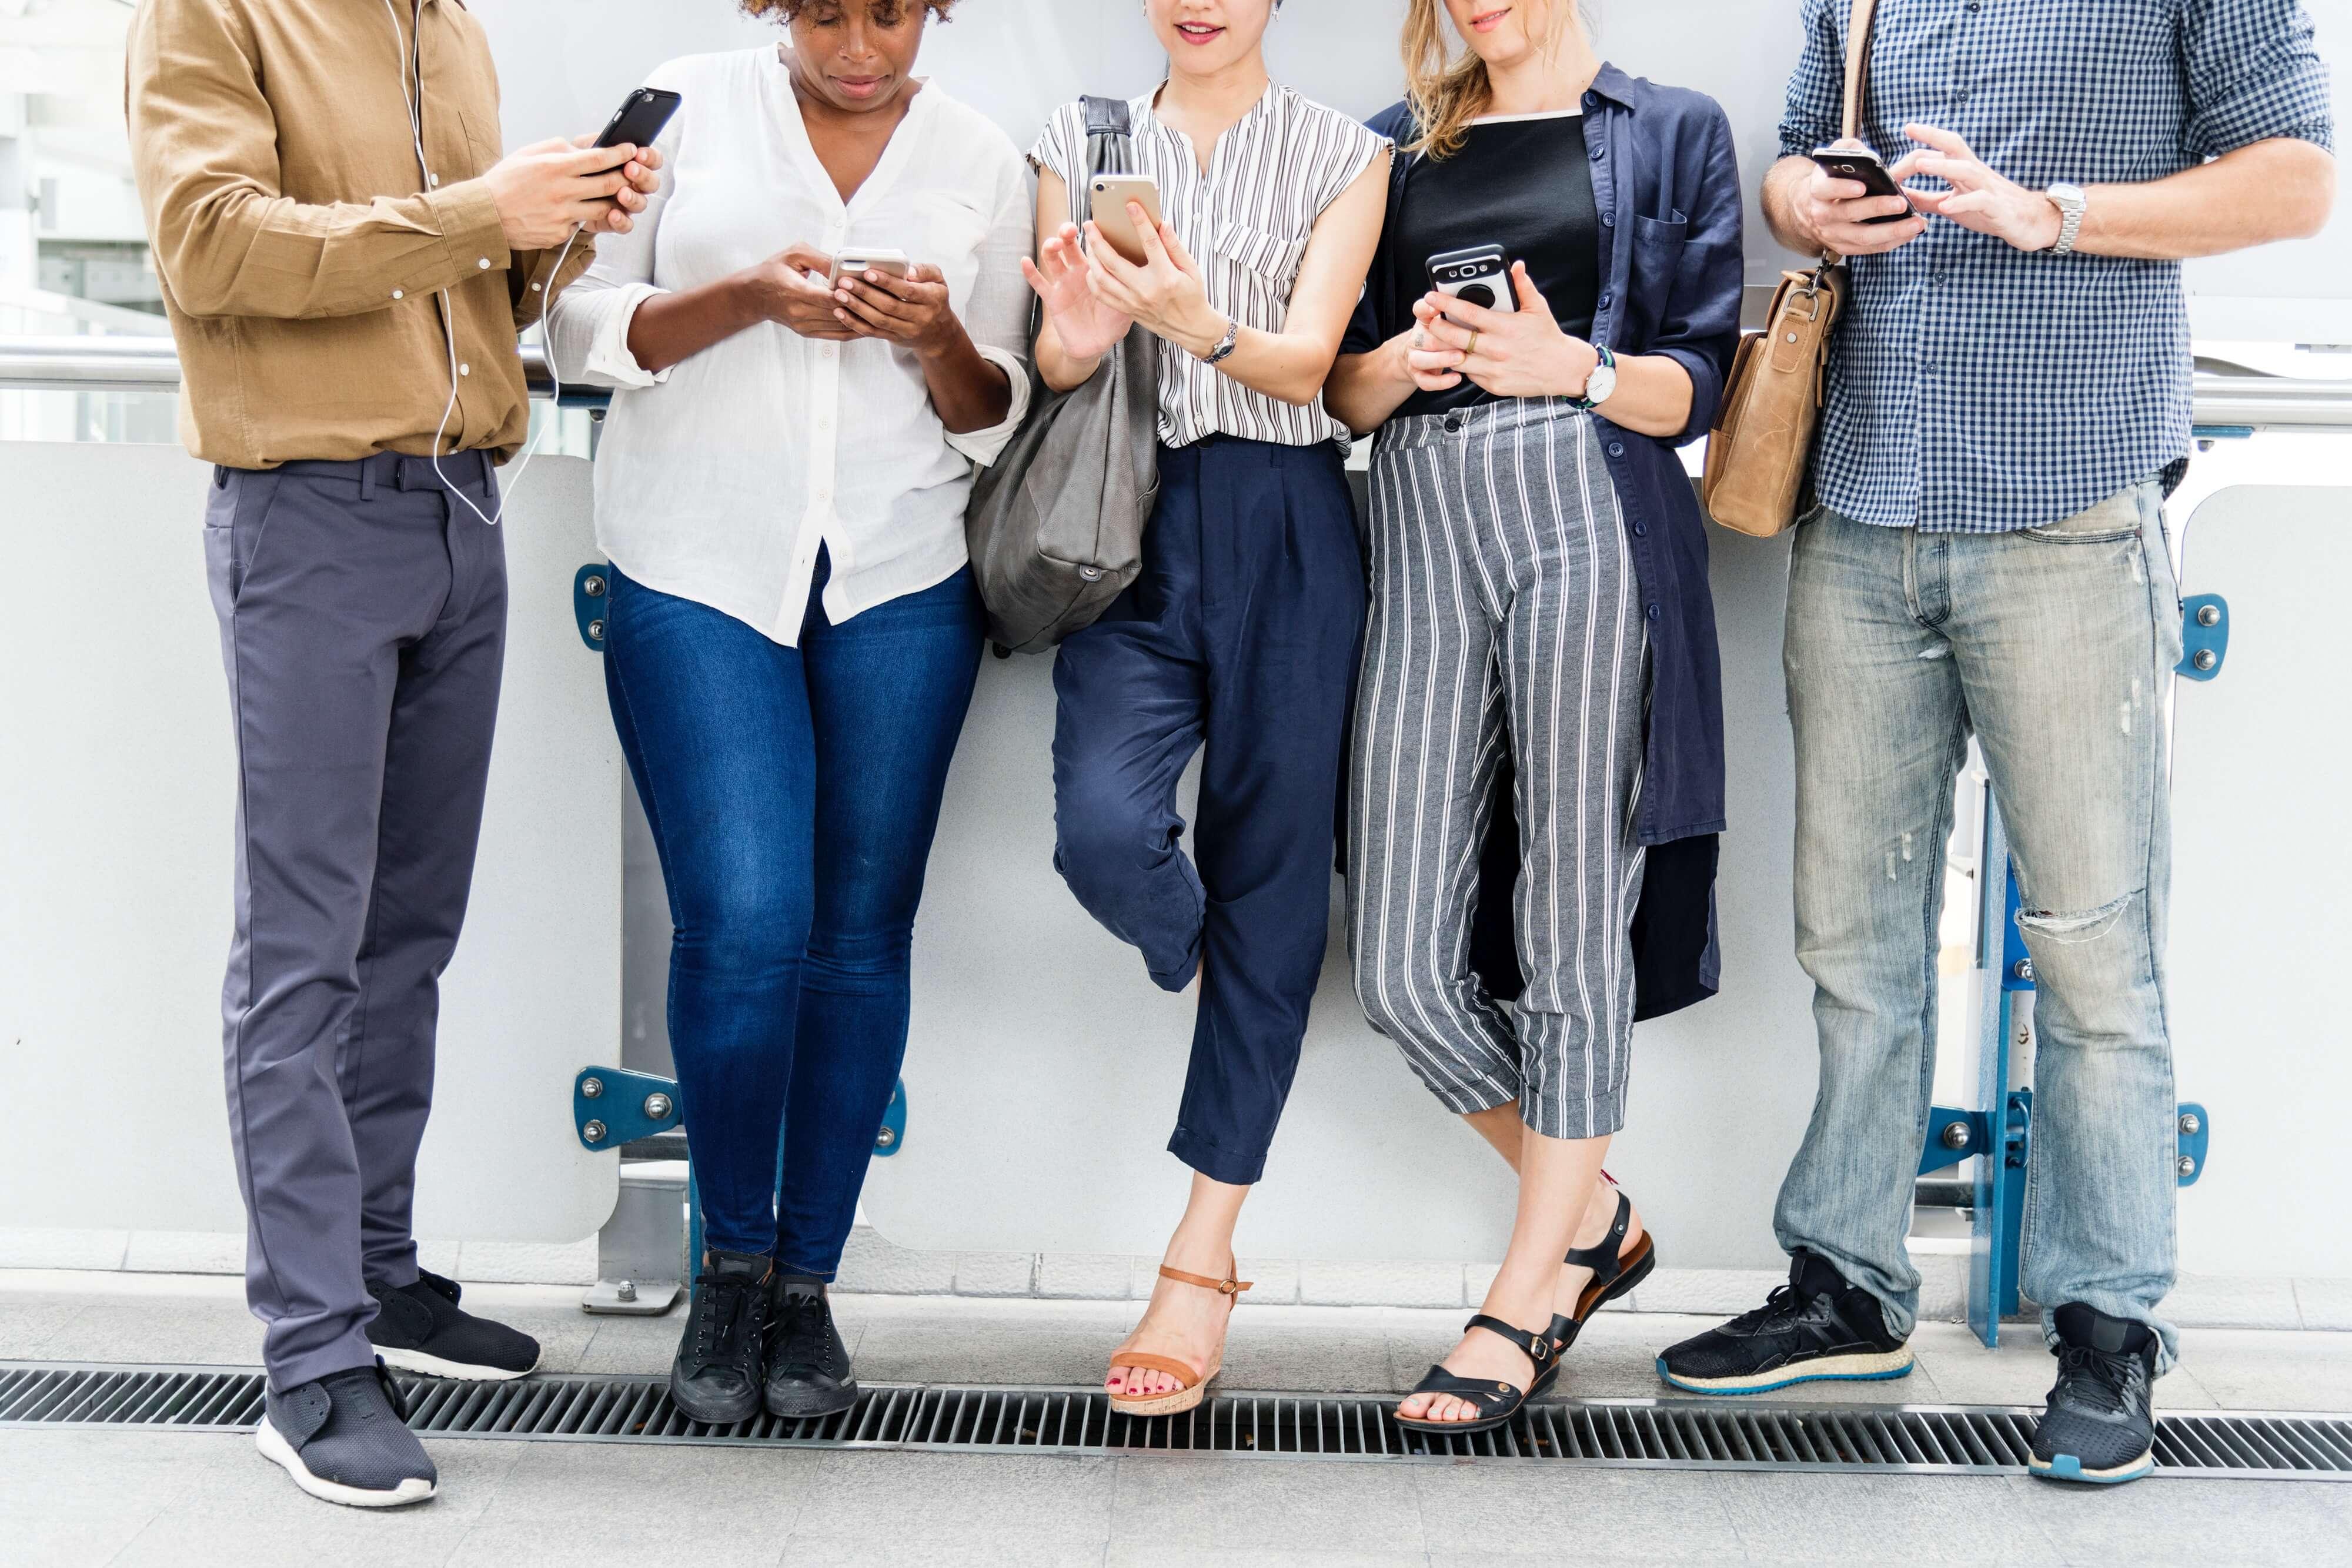 皆が携帯を触っている様子